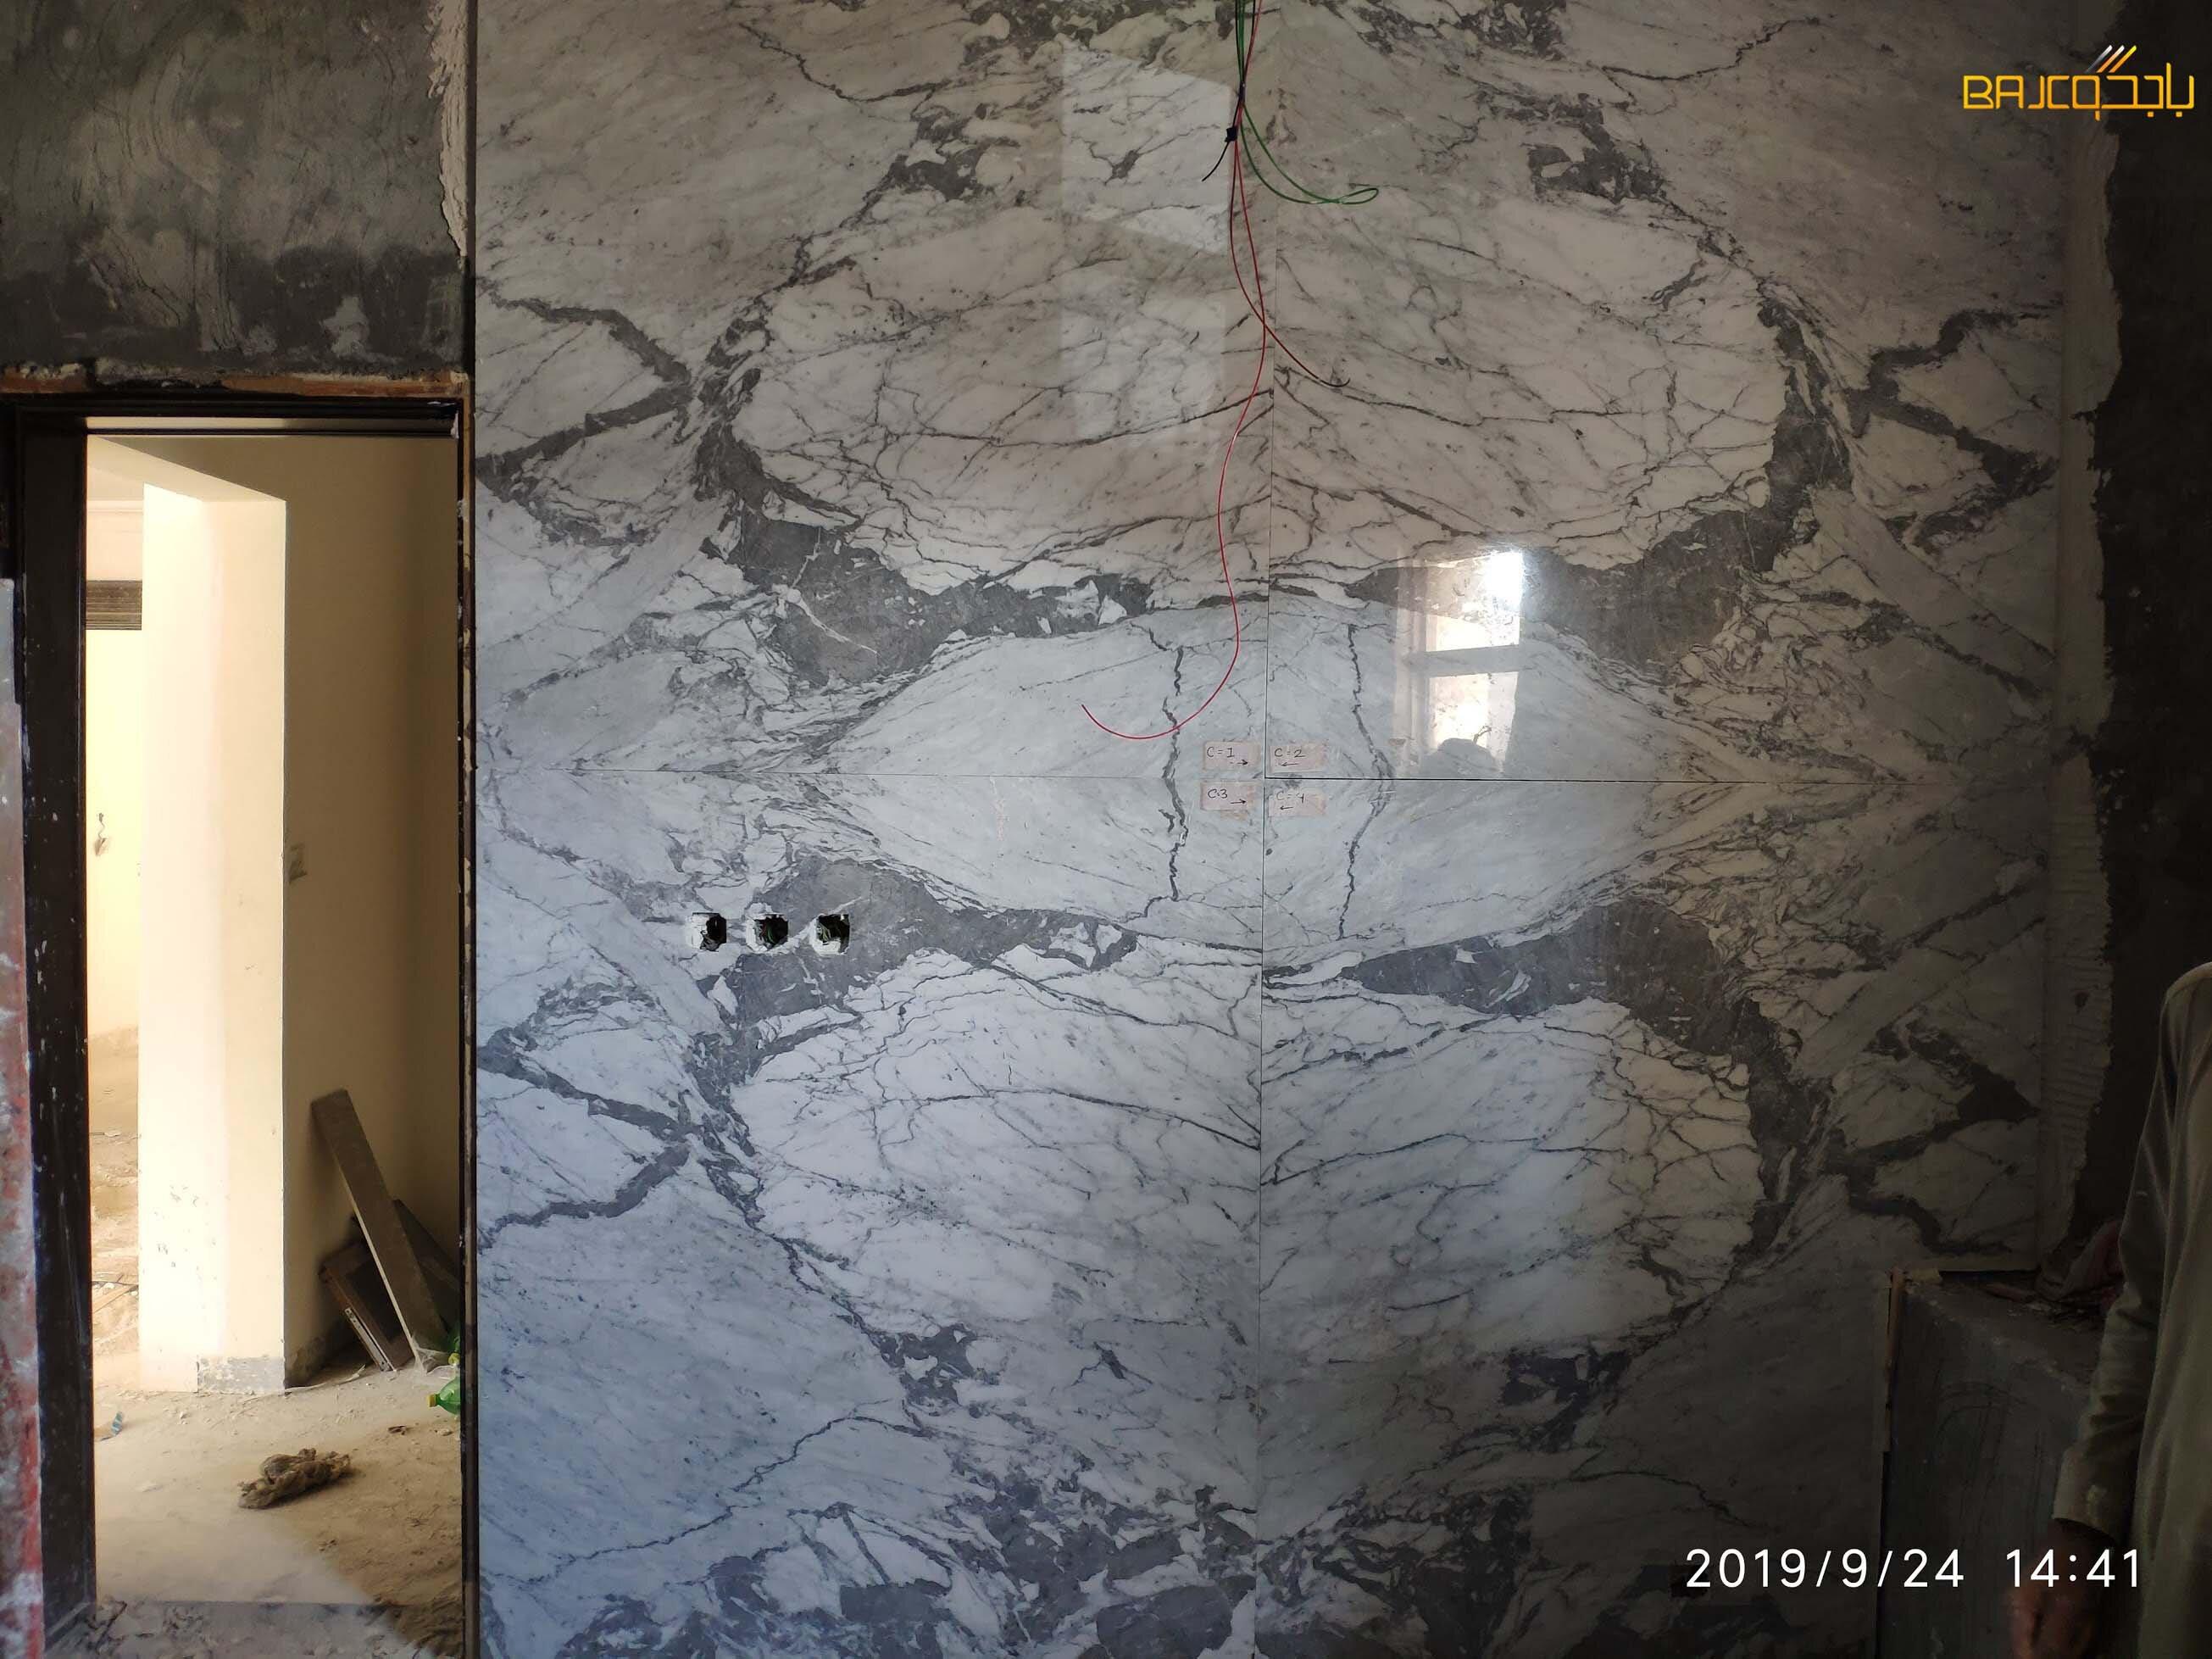 تركيب حمام رخام اربسكاتو اوبن بوك (3)